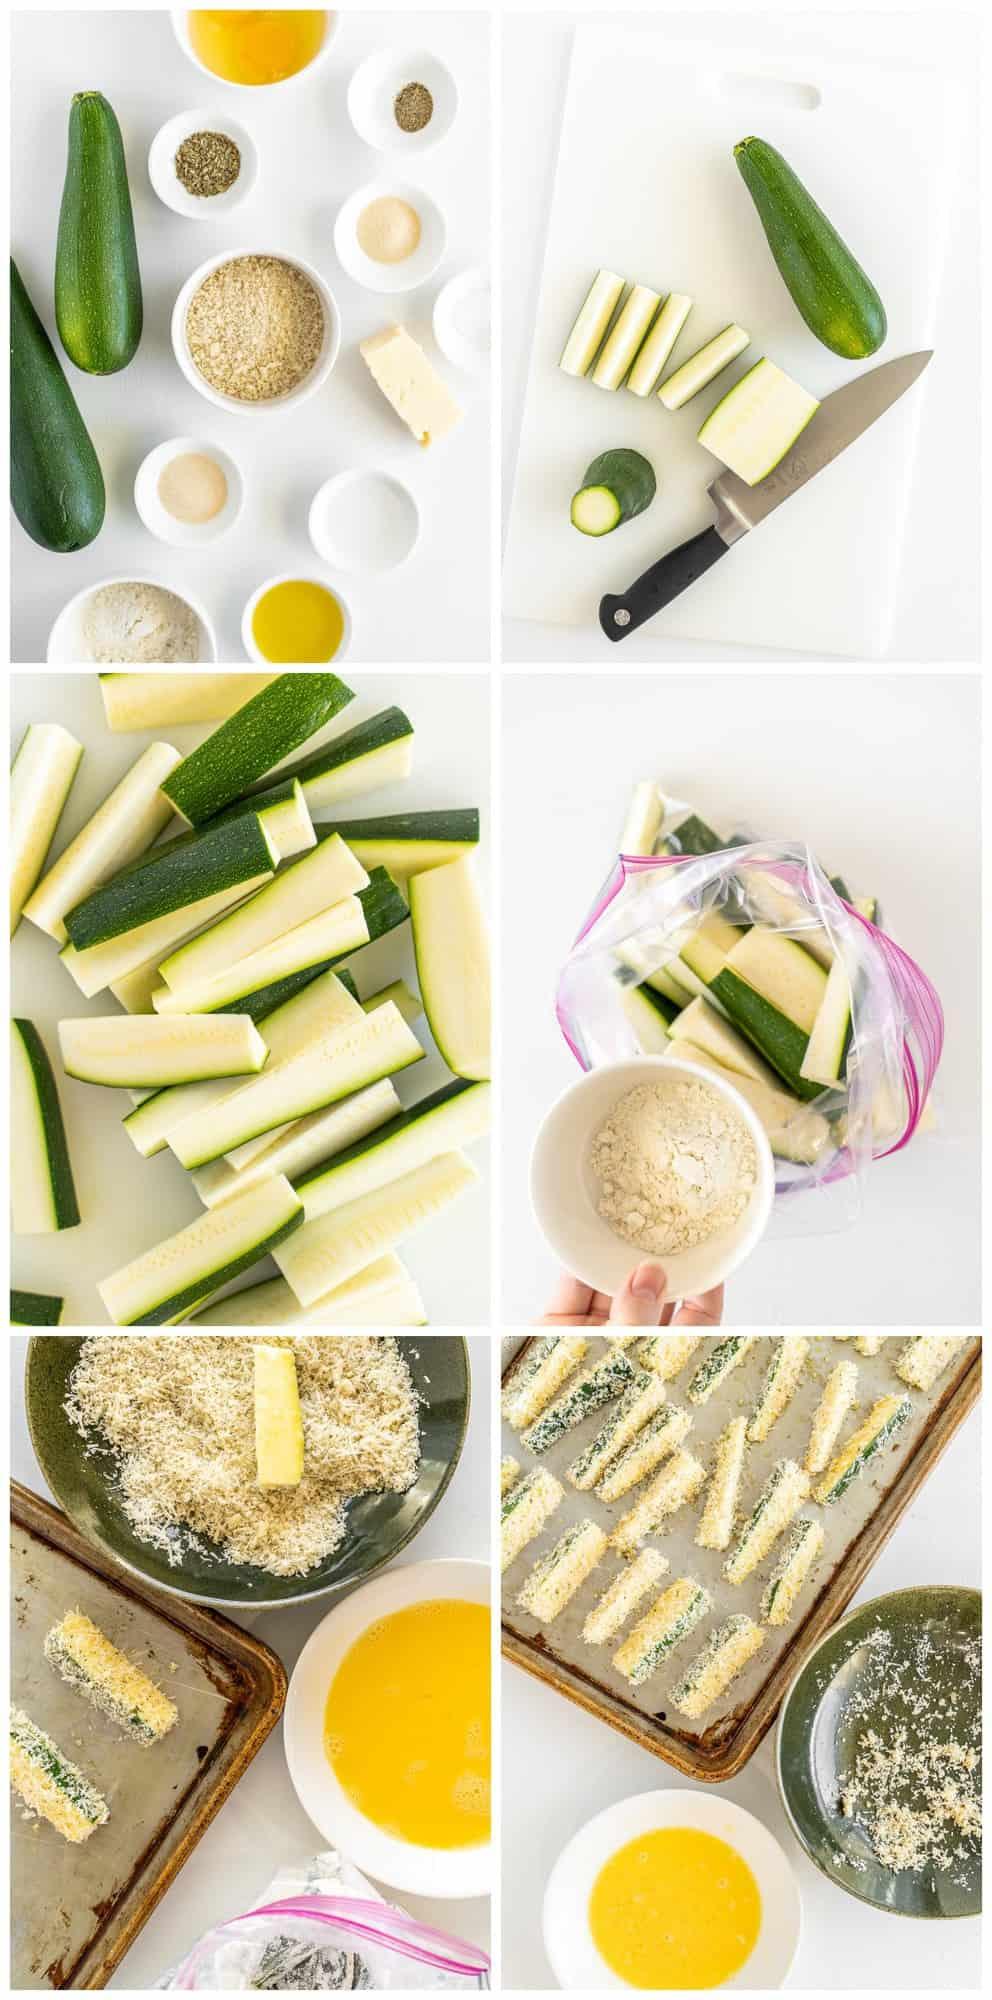 how to make zucchini fries